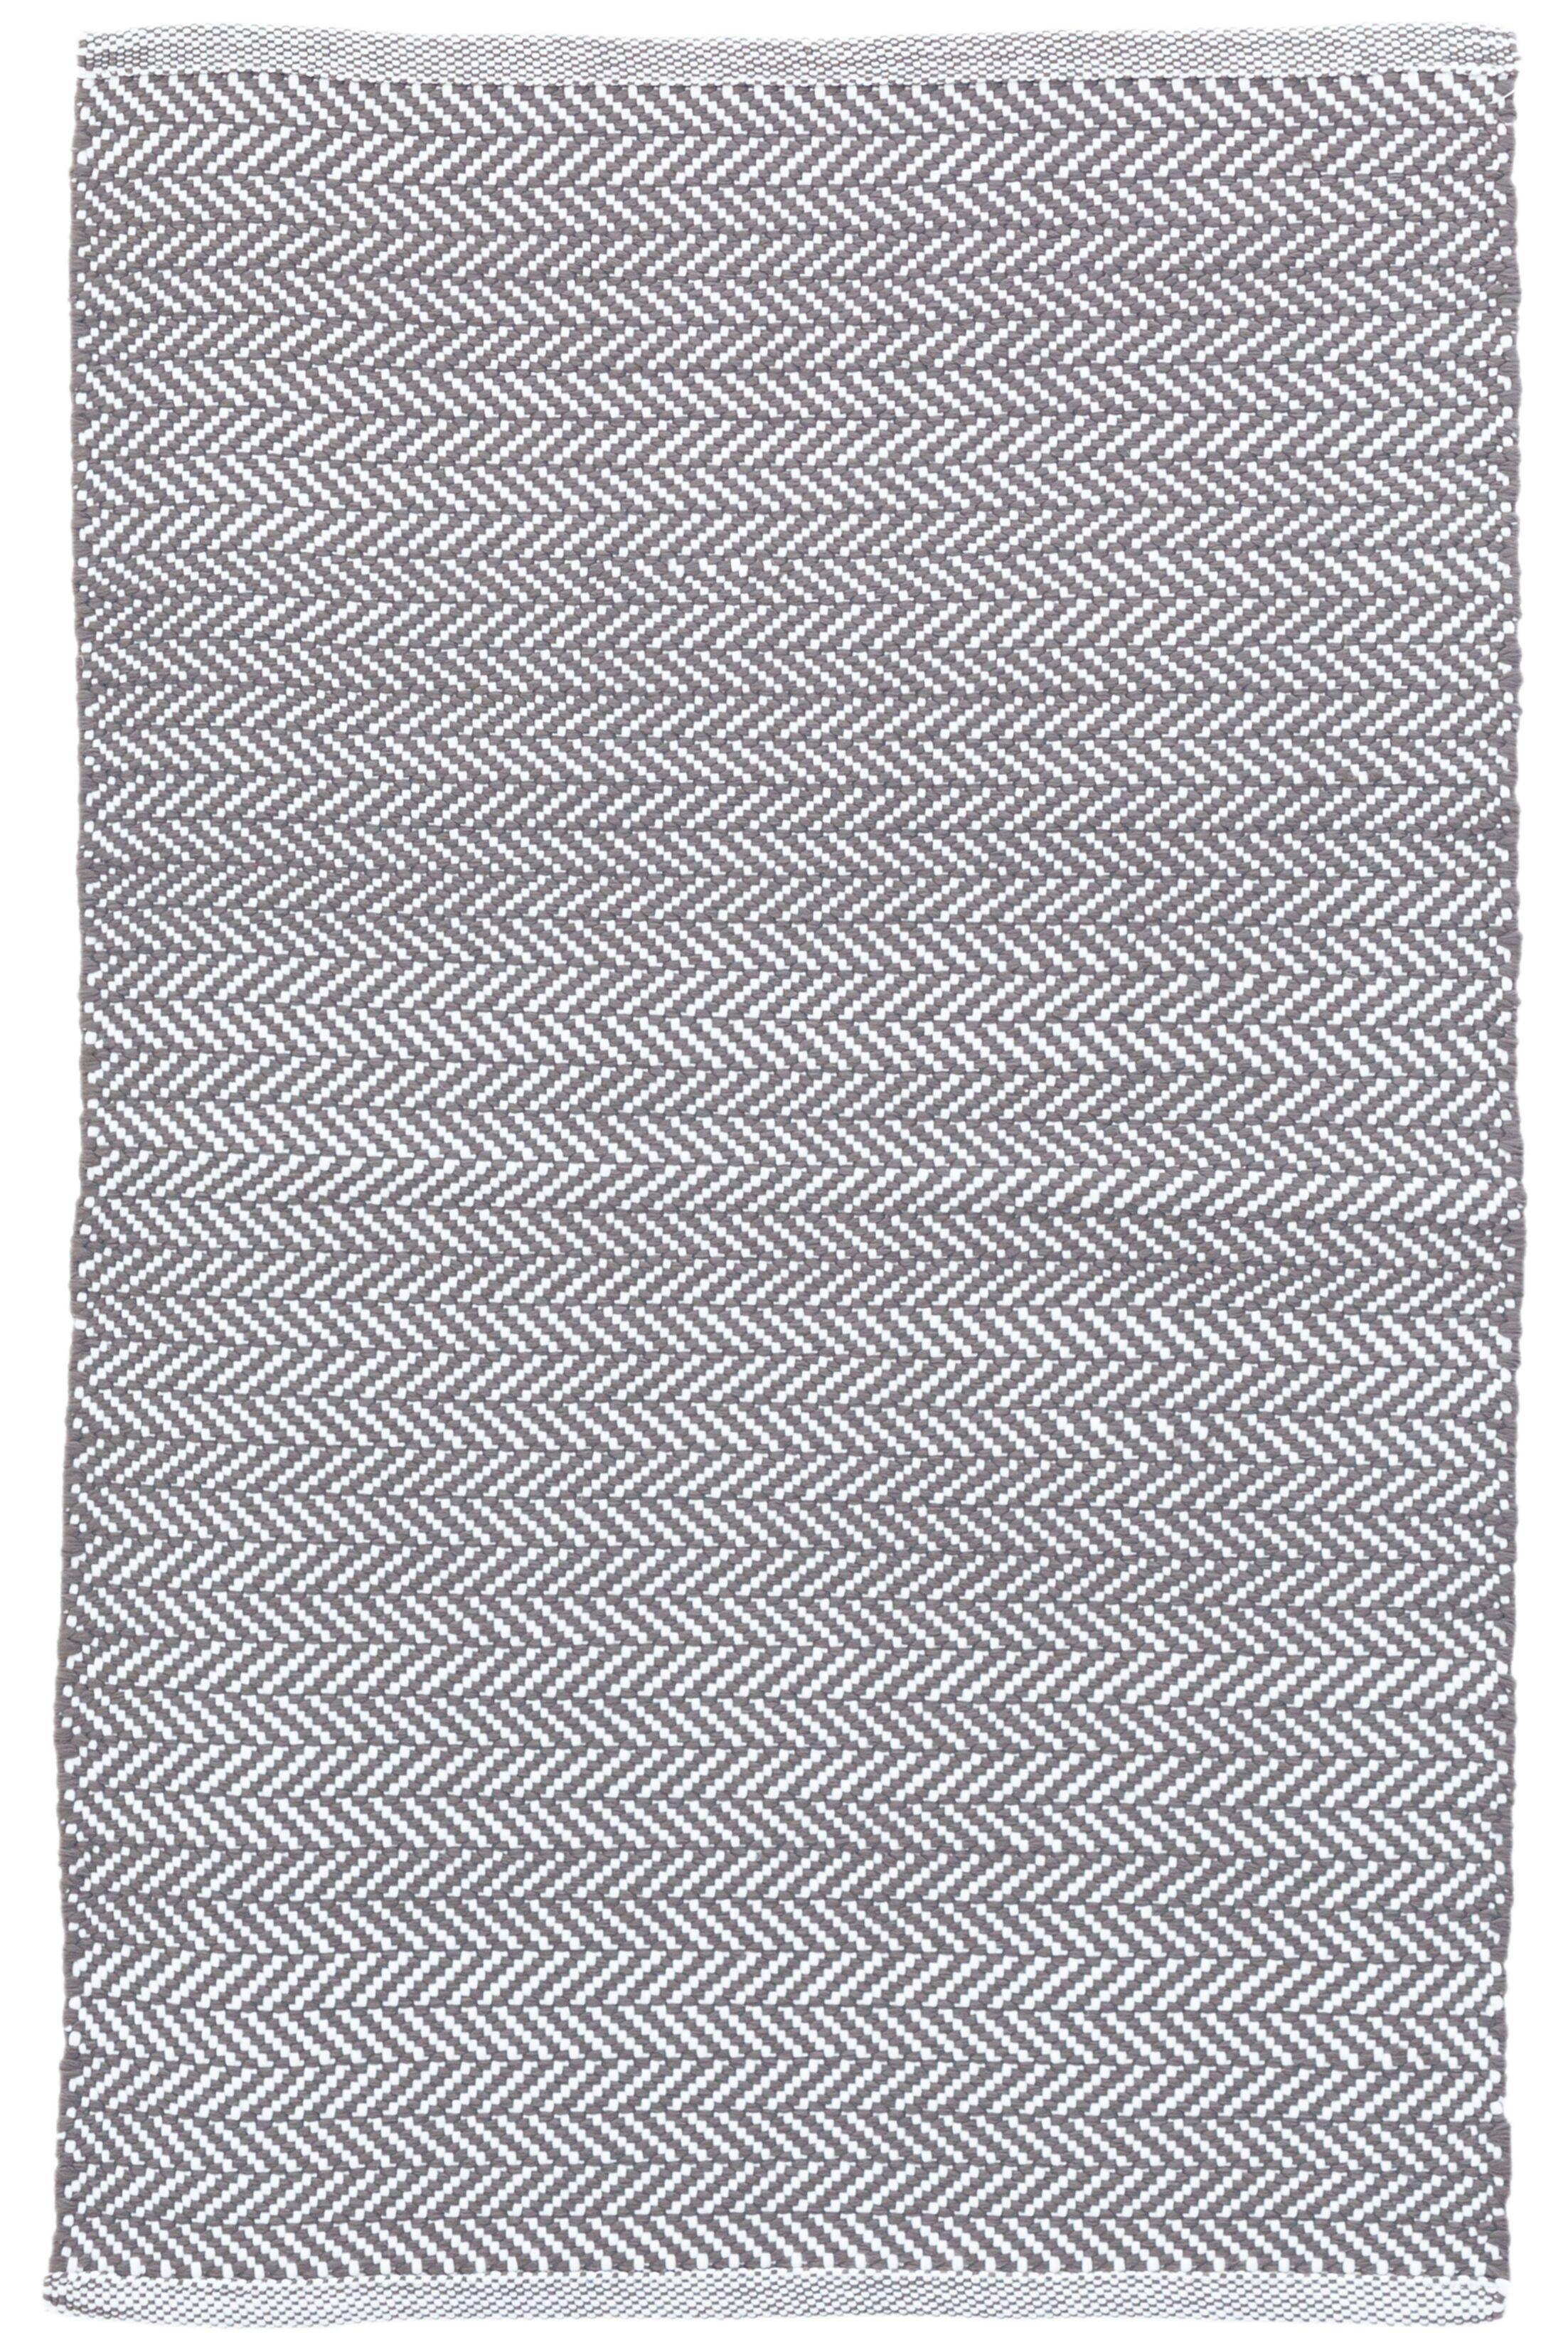 C3 Herringbone Gray Indoor/Outdoor Area Rug Rug Size: 8'6